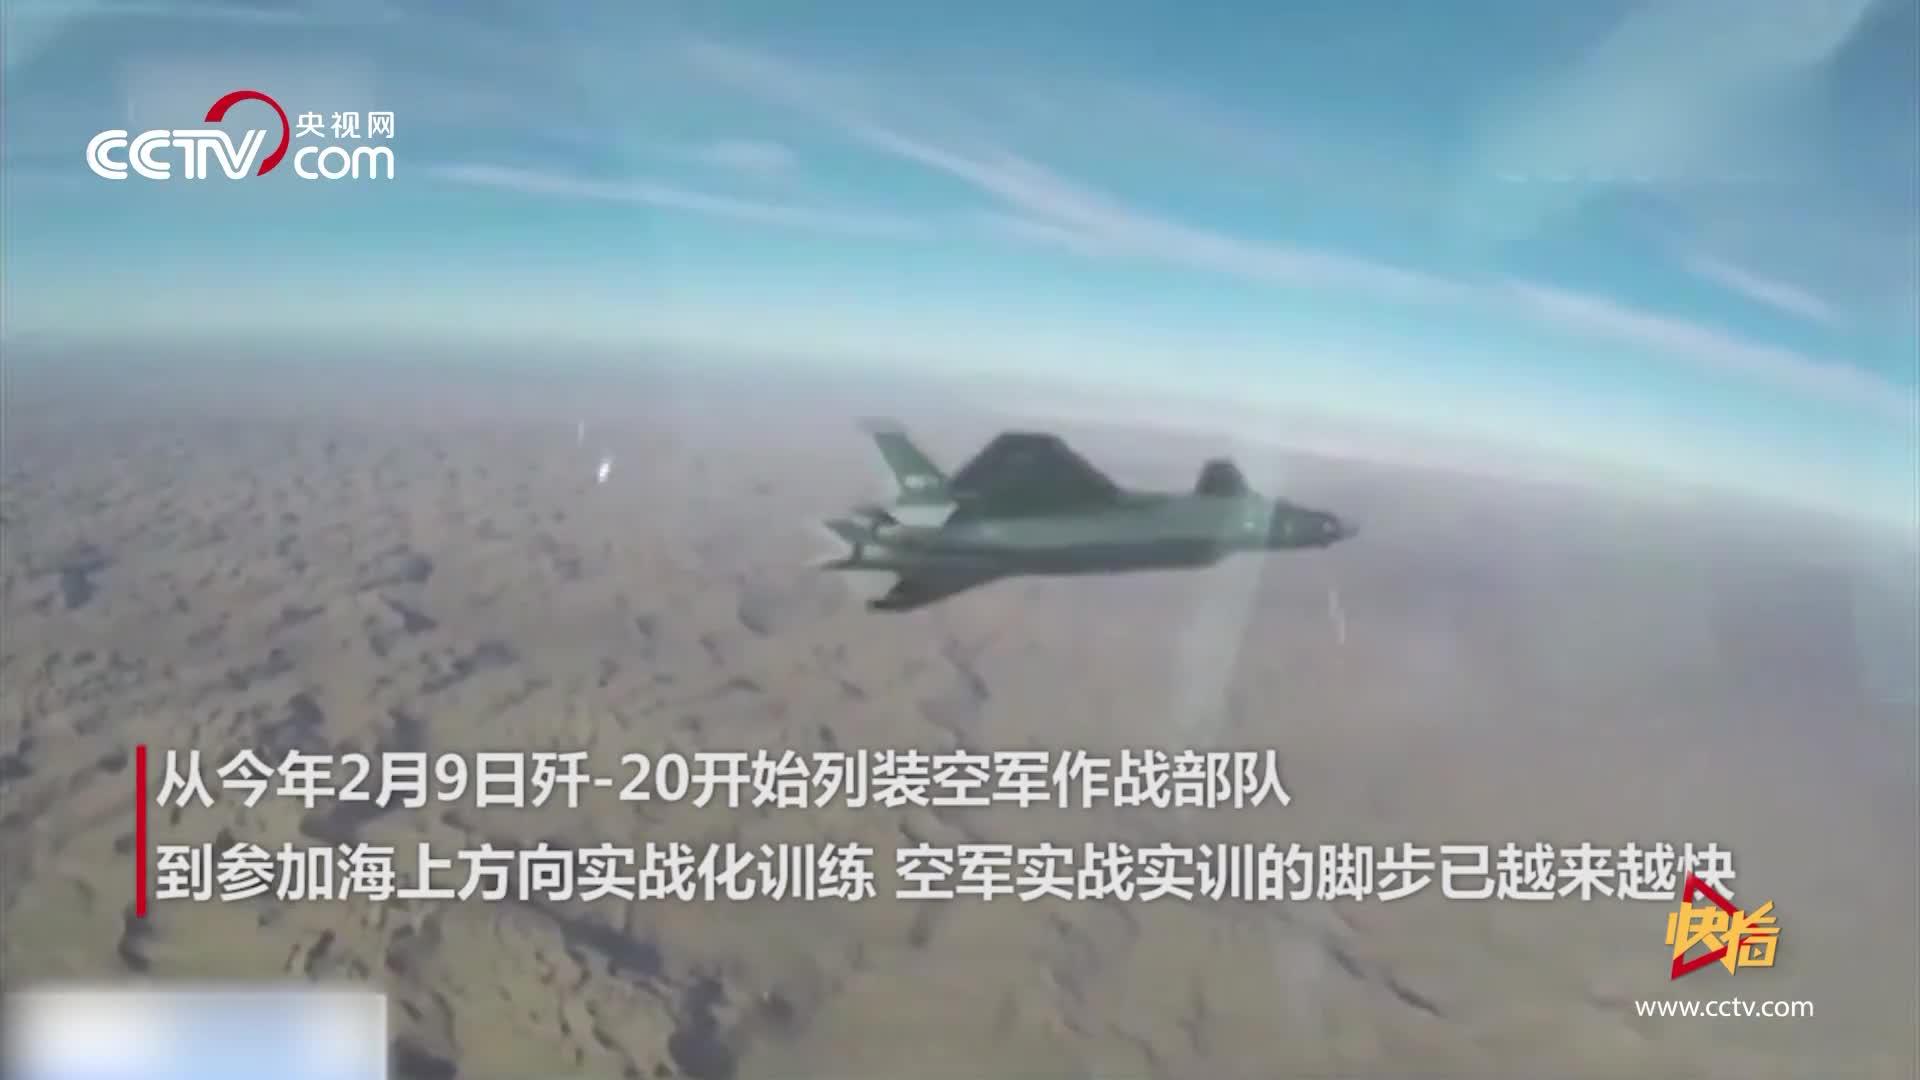 [视频]歼-20首次开展海上实战训练 在练兵备战中飞出新航迹